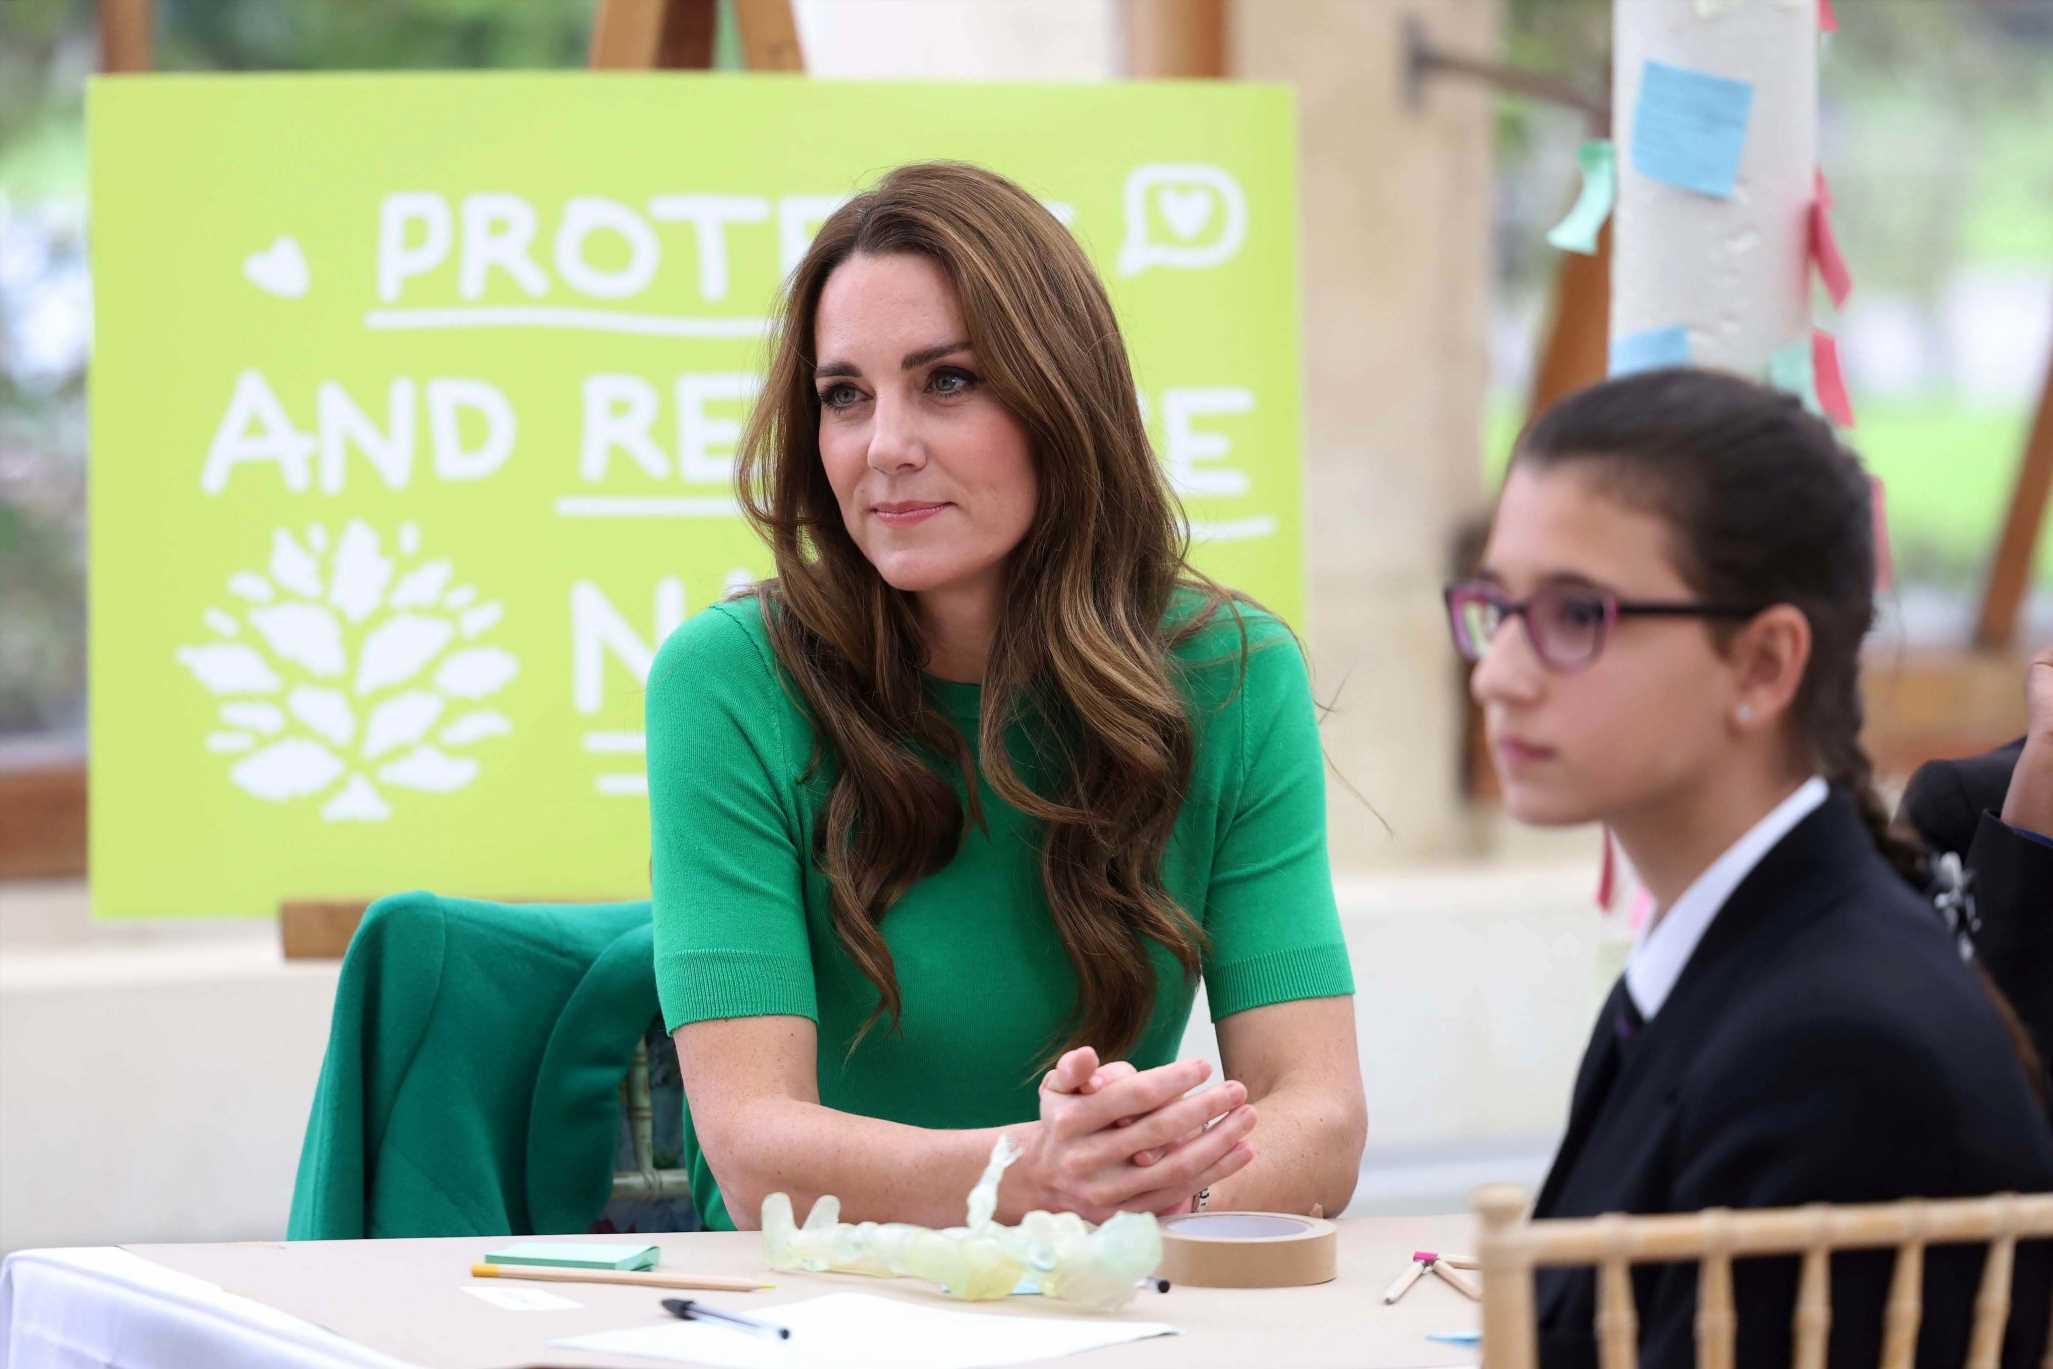 El jersey verde de Zara que ha enamorado a Kate Middleton